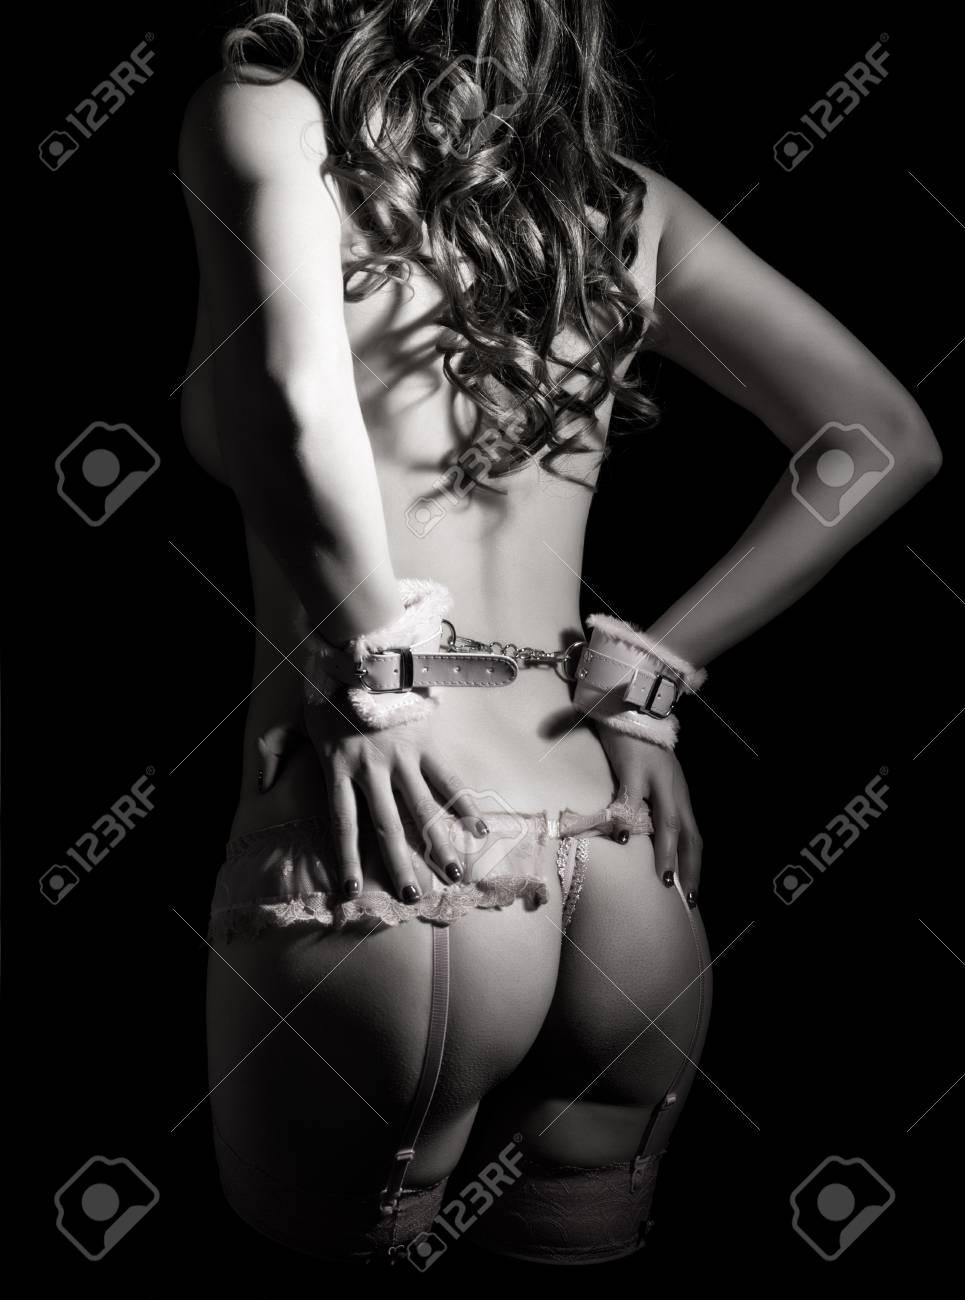 Virtual interactive sex girl